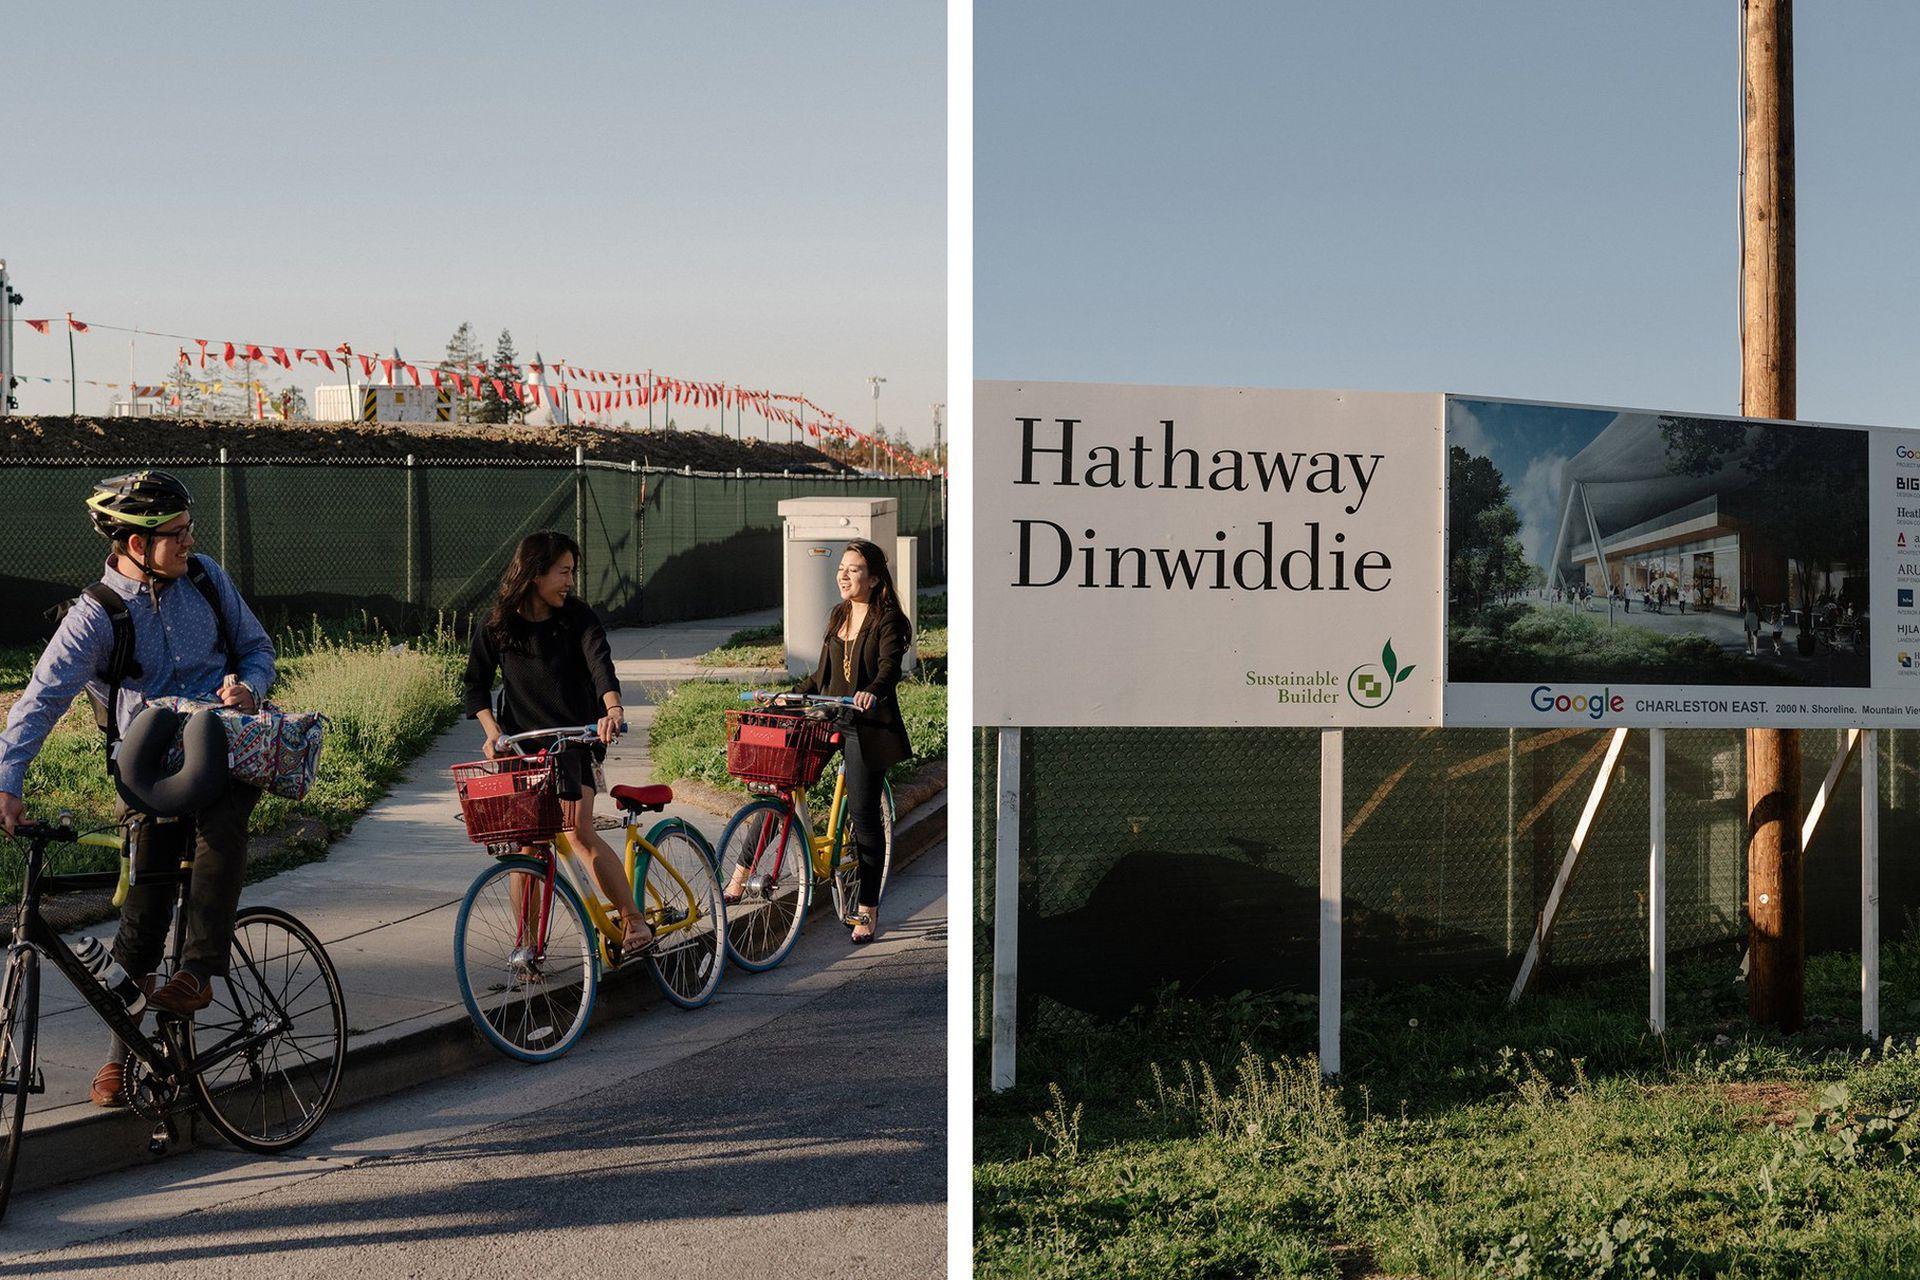 Obras en Mountain View, California, donde Google planea construir 5000 casas